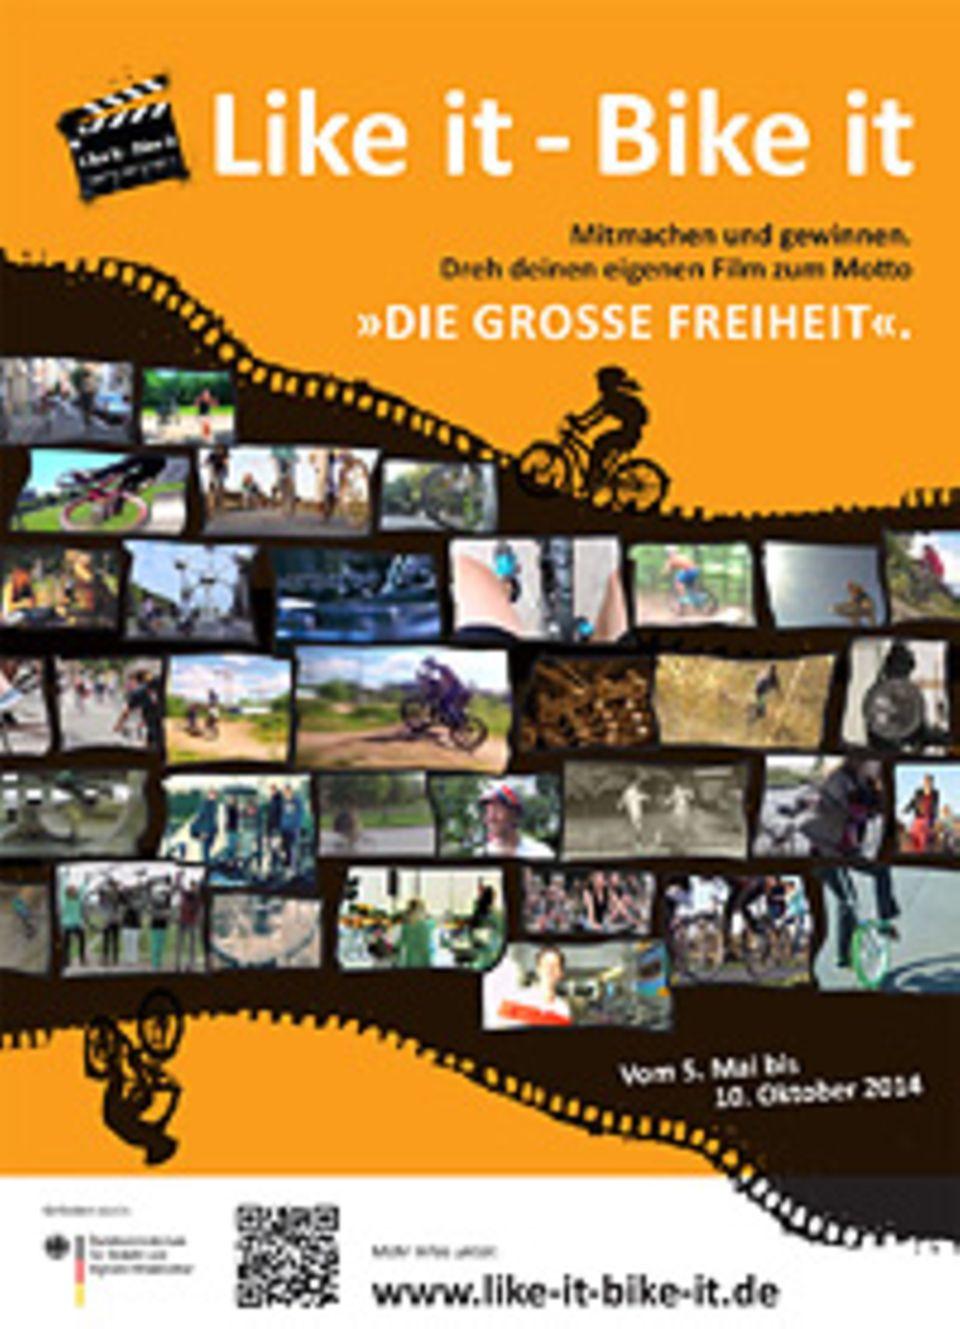 """Beim Jugendkurzfilmwettbewerb """"Like it – Bike it"""" geht es darum, das Thema Fahrradfahren und die damit verbundene große Freiheit in einem kurzen Film darzustellen"""